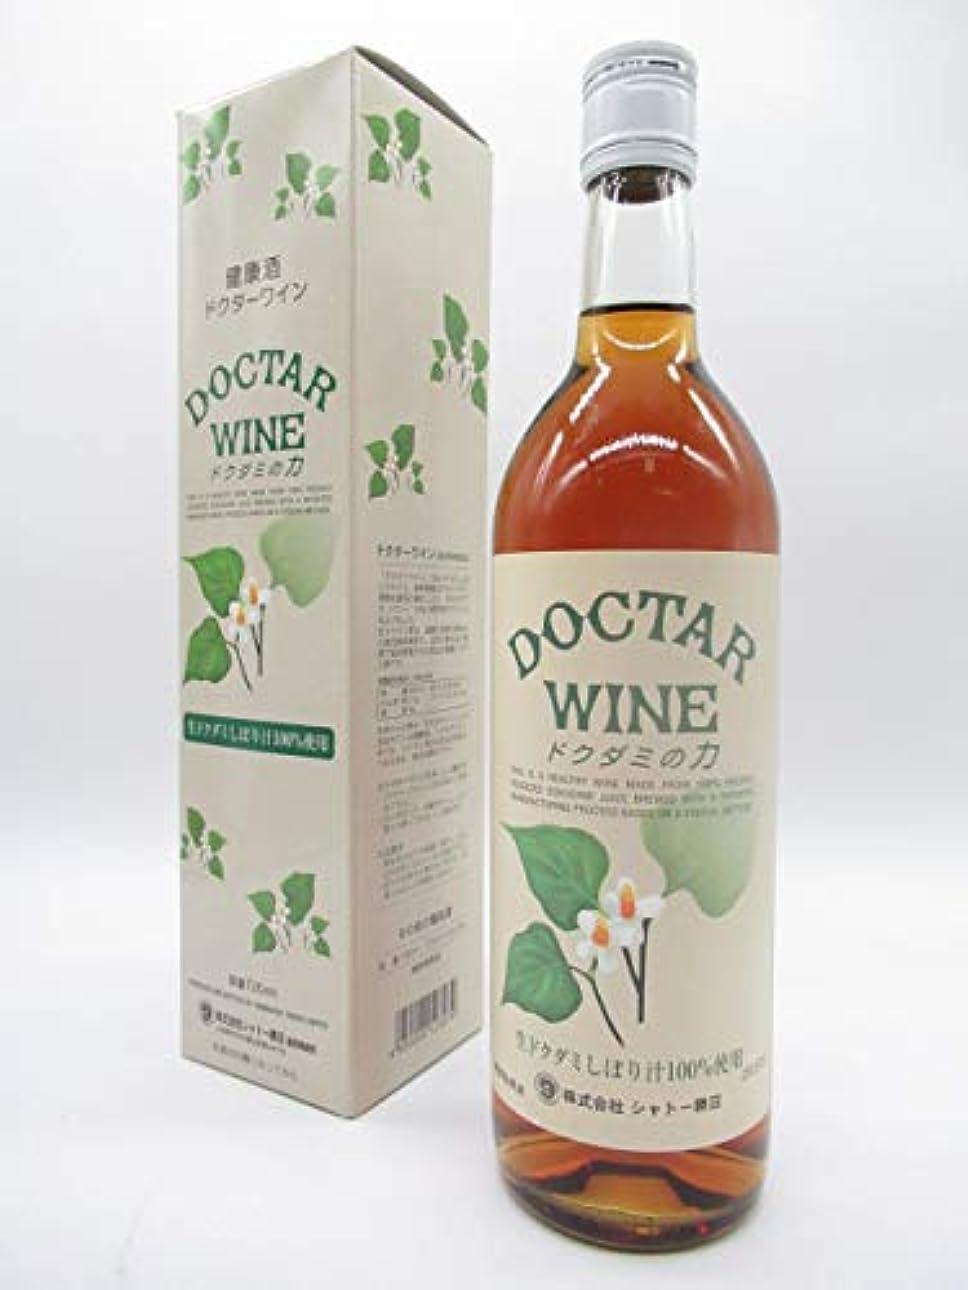 忠実規制する雑種ドクターワイン (どくだみのワイン) 720ml